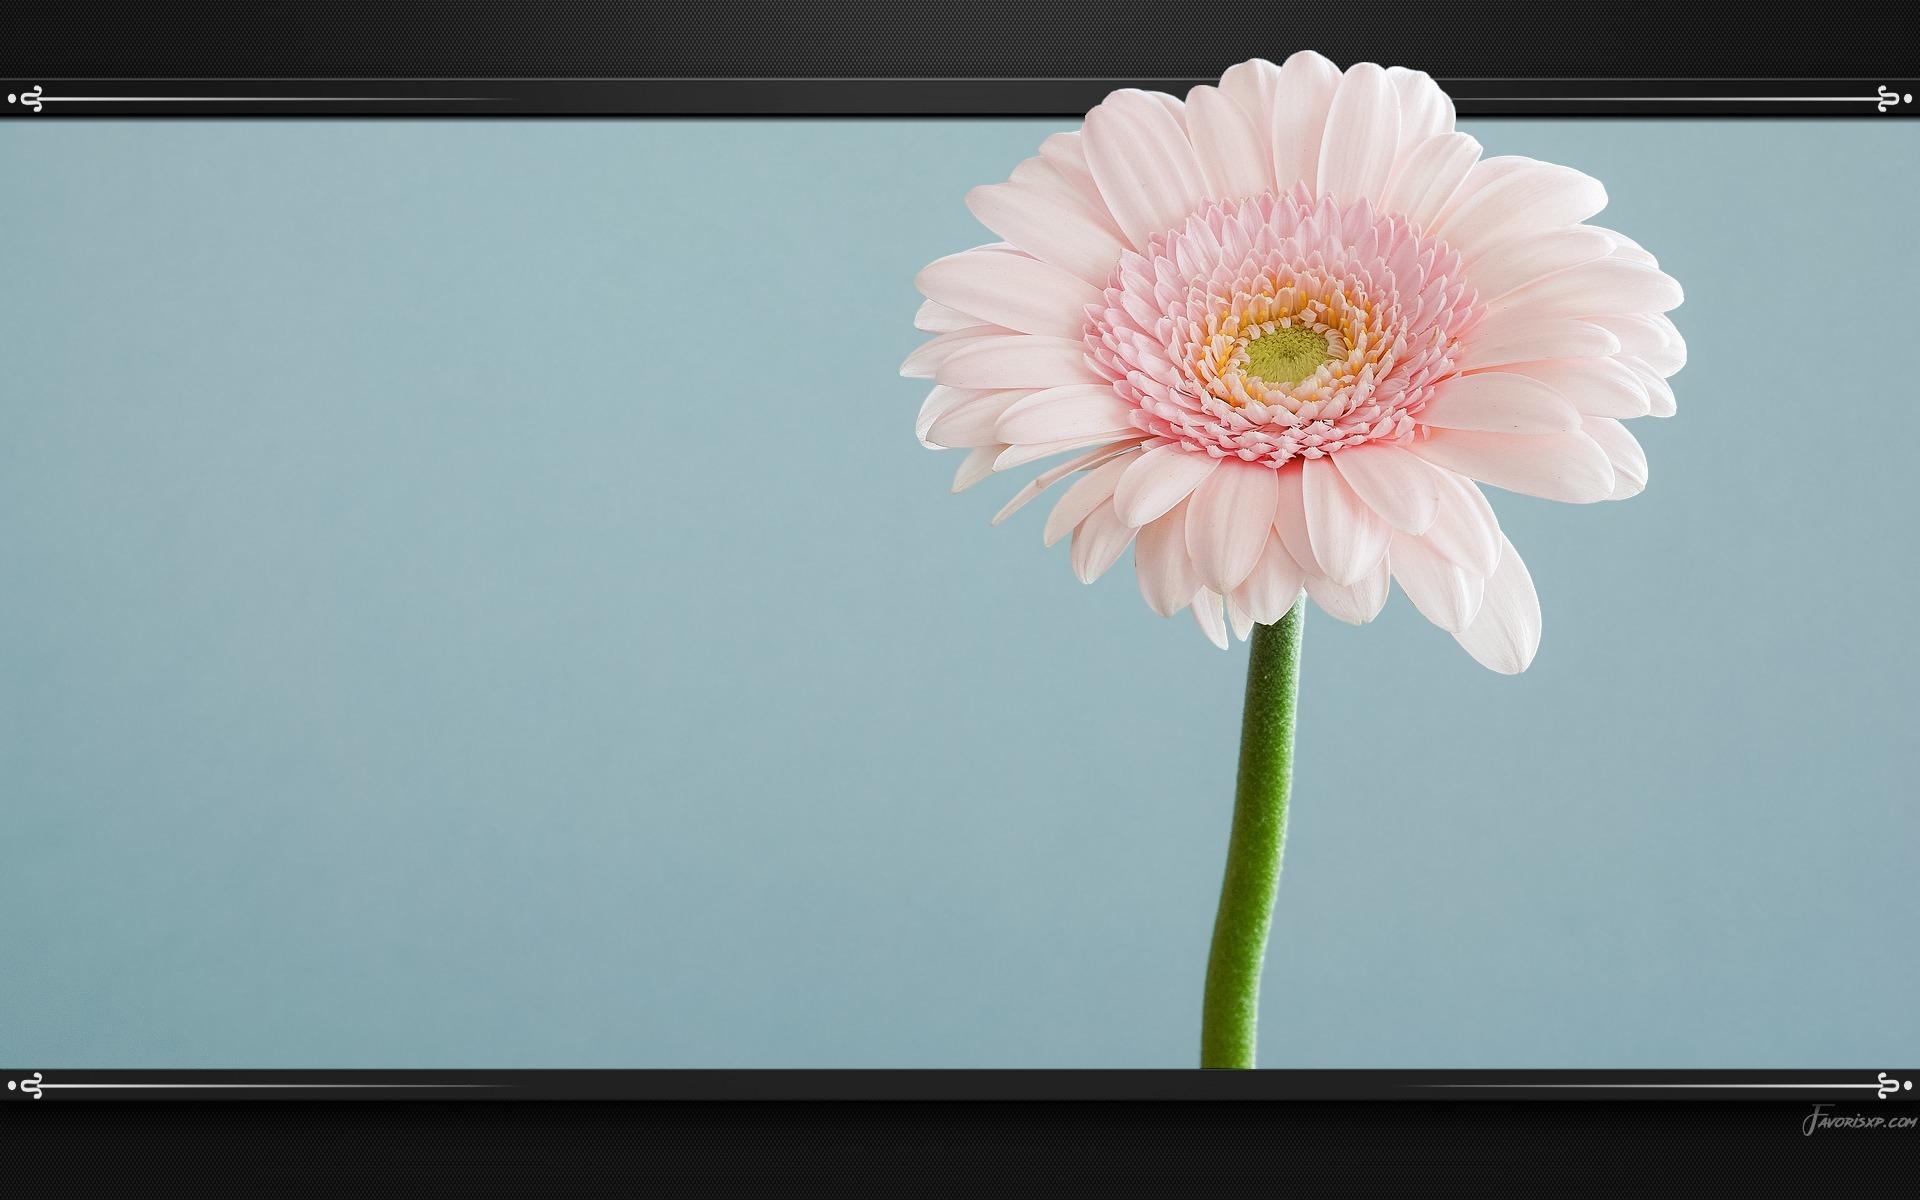 Fonds D Ecran De Fleurs Roses Telechargement Gratuit